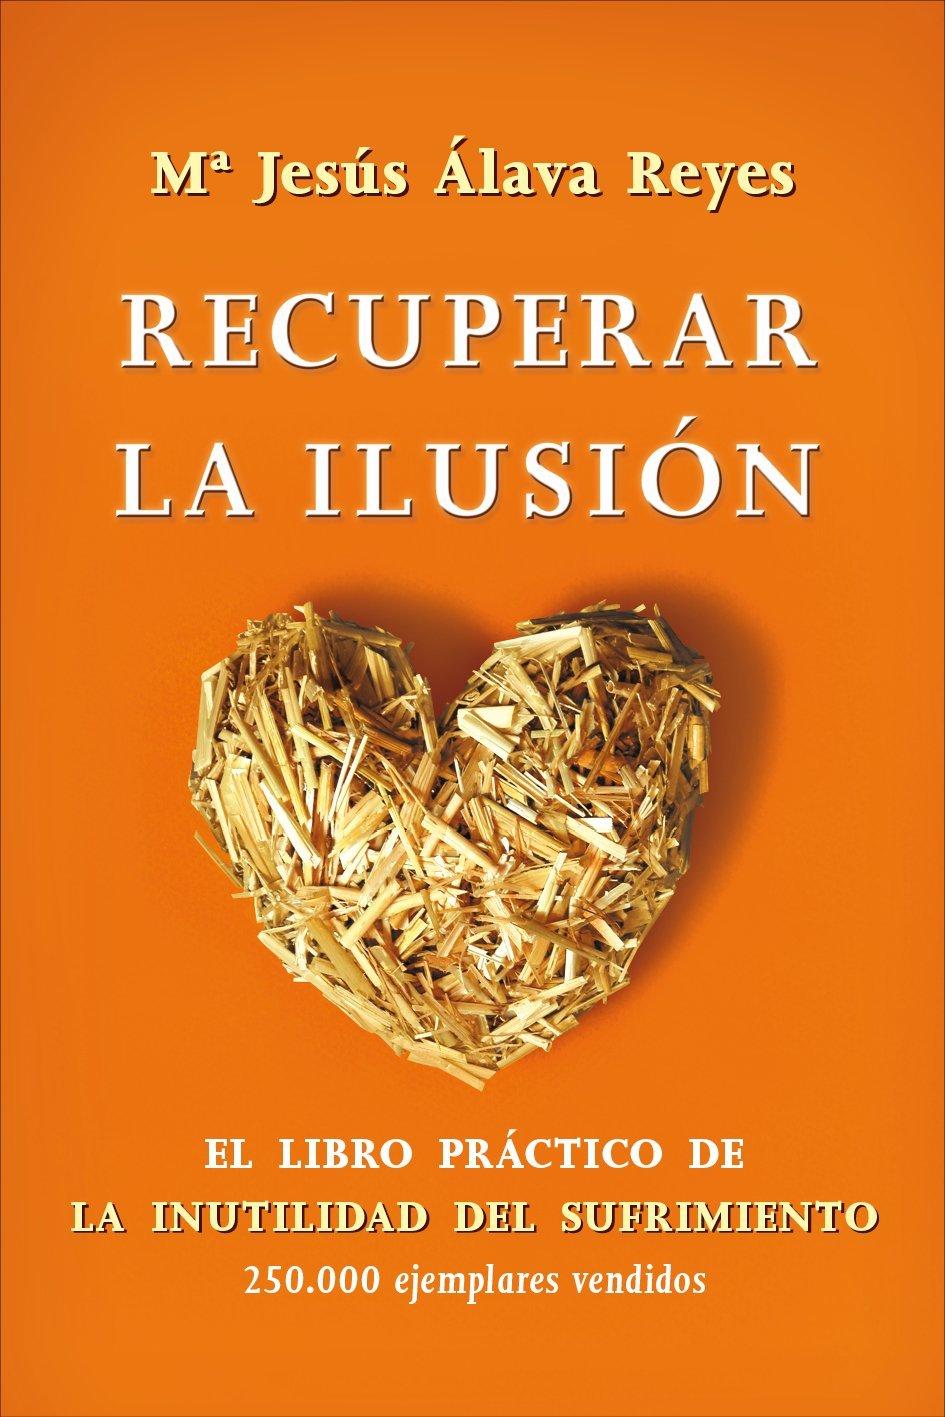 Recuperar la ilusión: El libro práctico de La Inutilidad del sufrimiento  Bolsillo: Amazon.es: María Jesús Álava Reyes: Libros